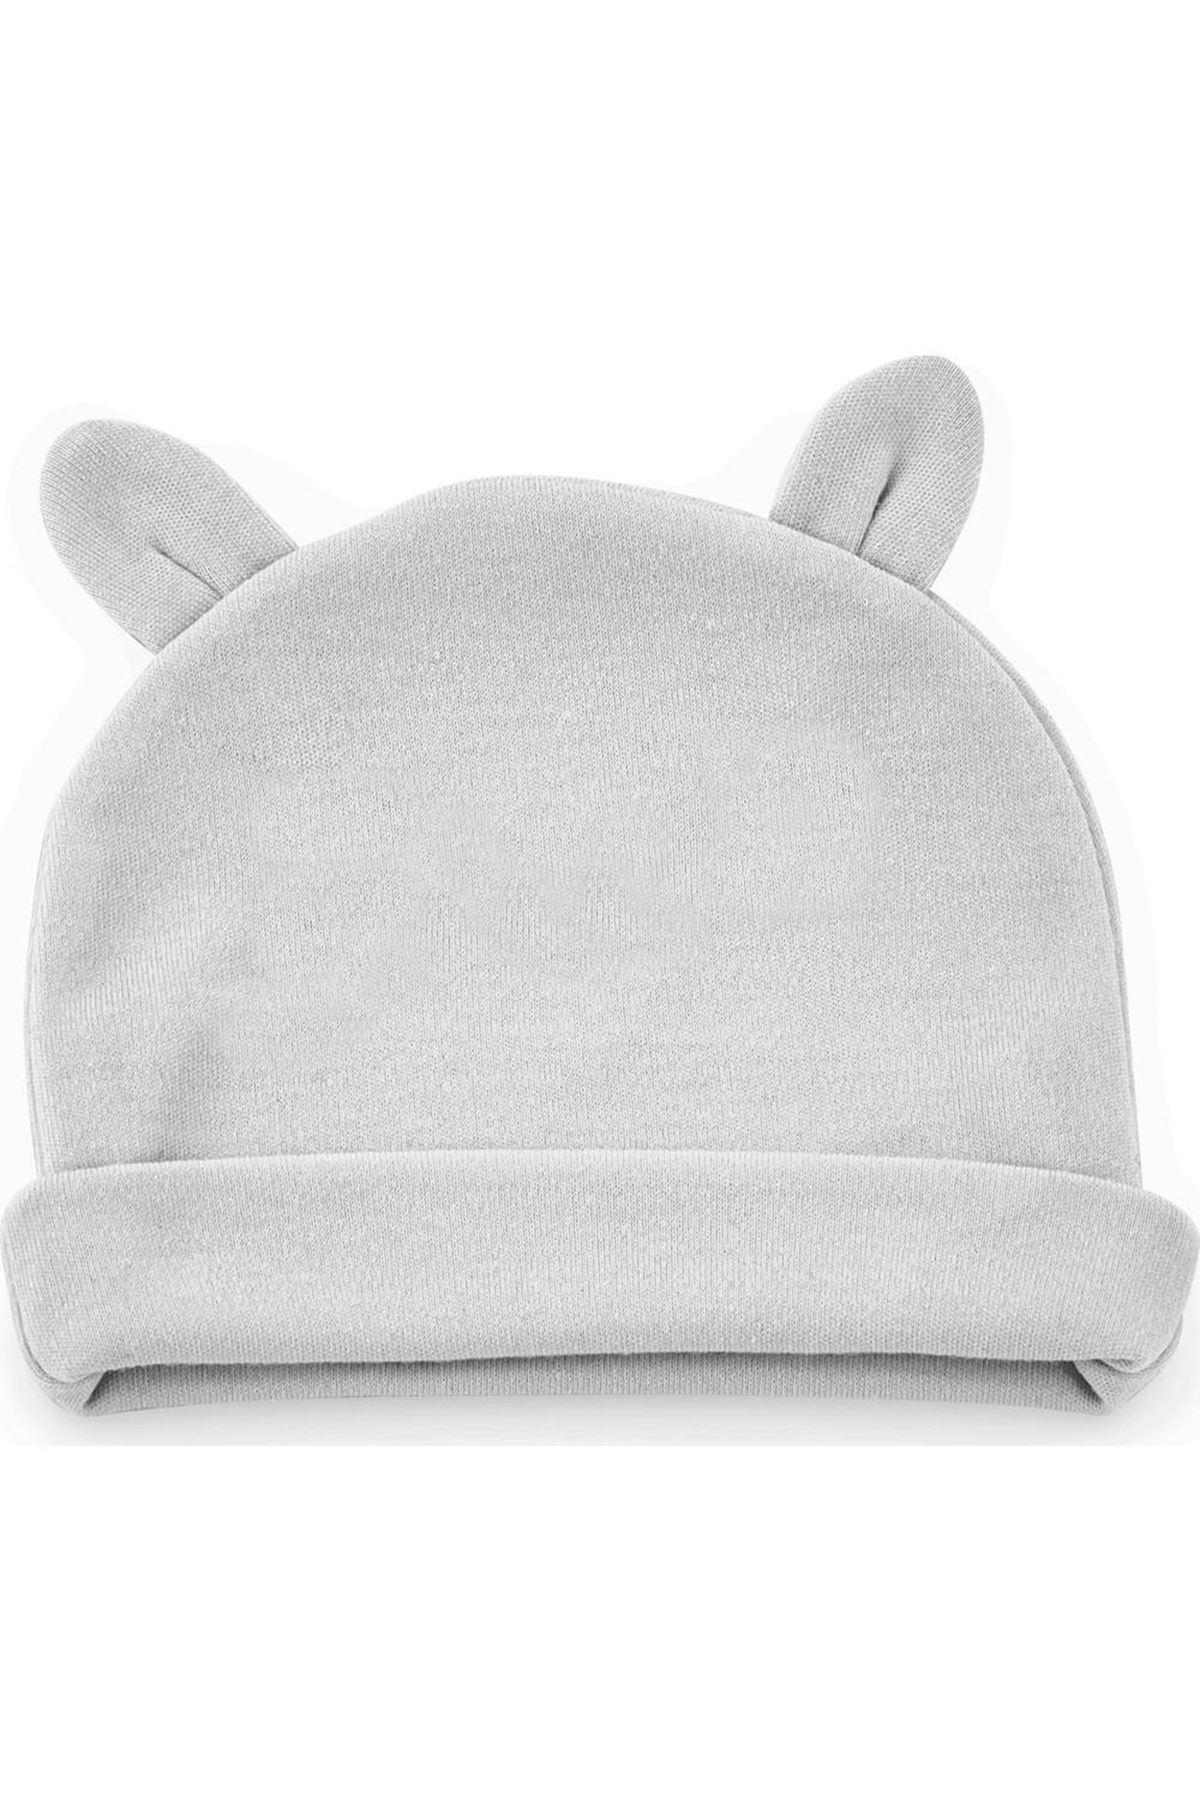 BabyJem Yenidoğan Bebe Şapka Kulaklı 585 Gri